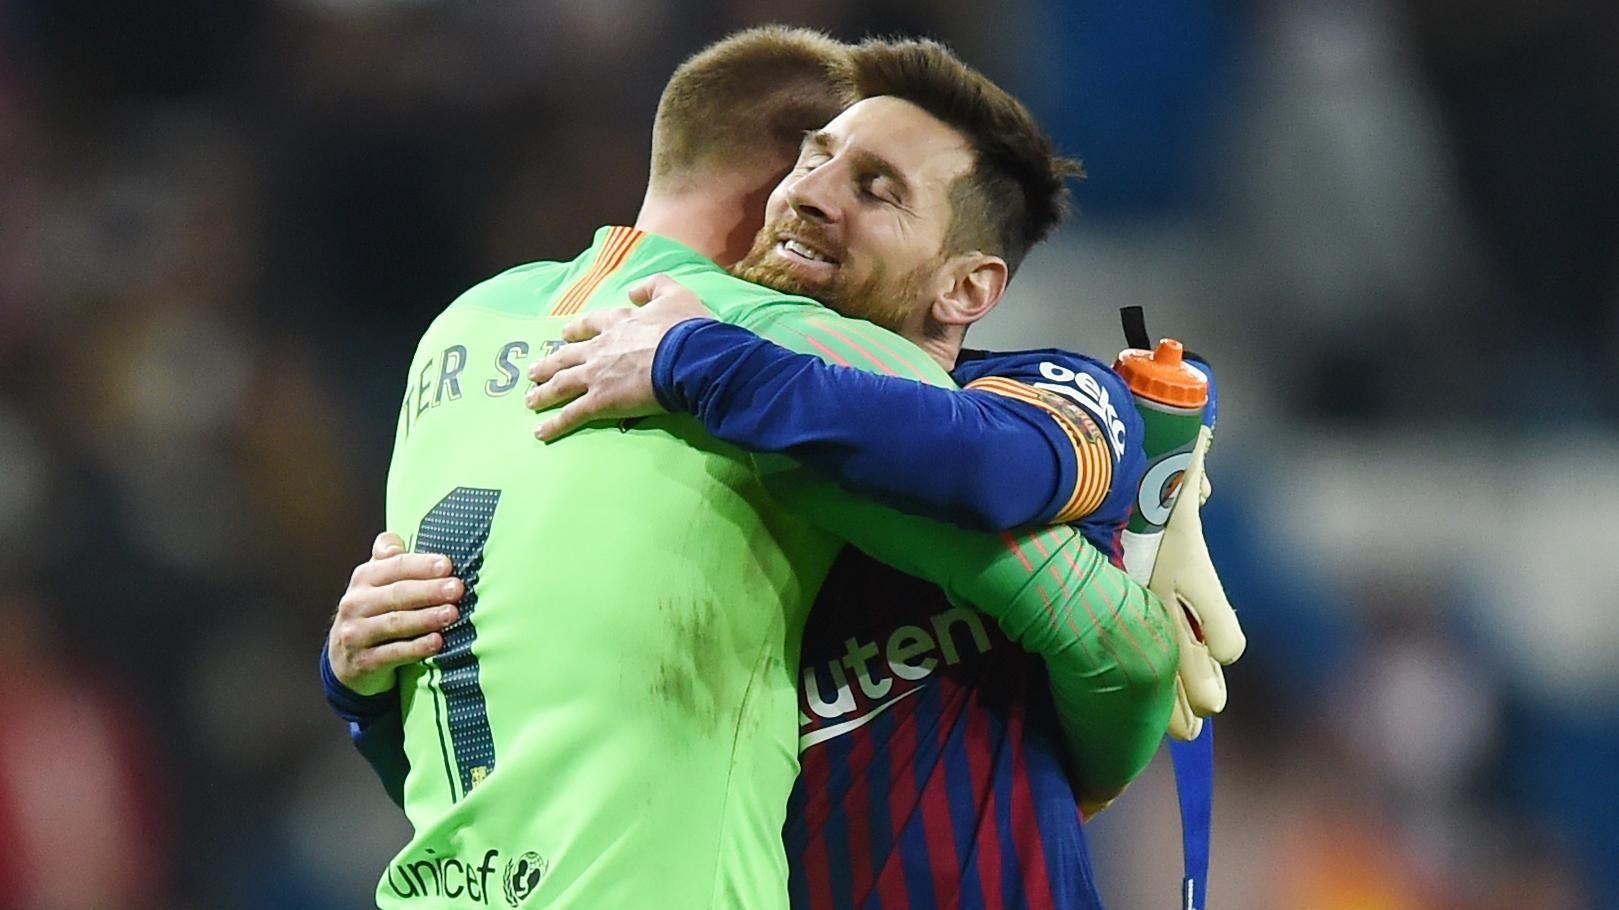 LA PRENSA A PURA RISA: ¿Qué dijo Ter Stegen sobre Lionel Messi?